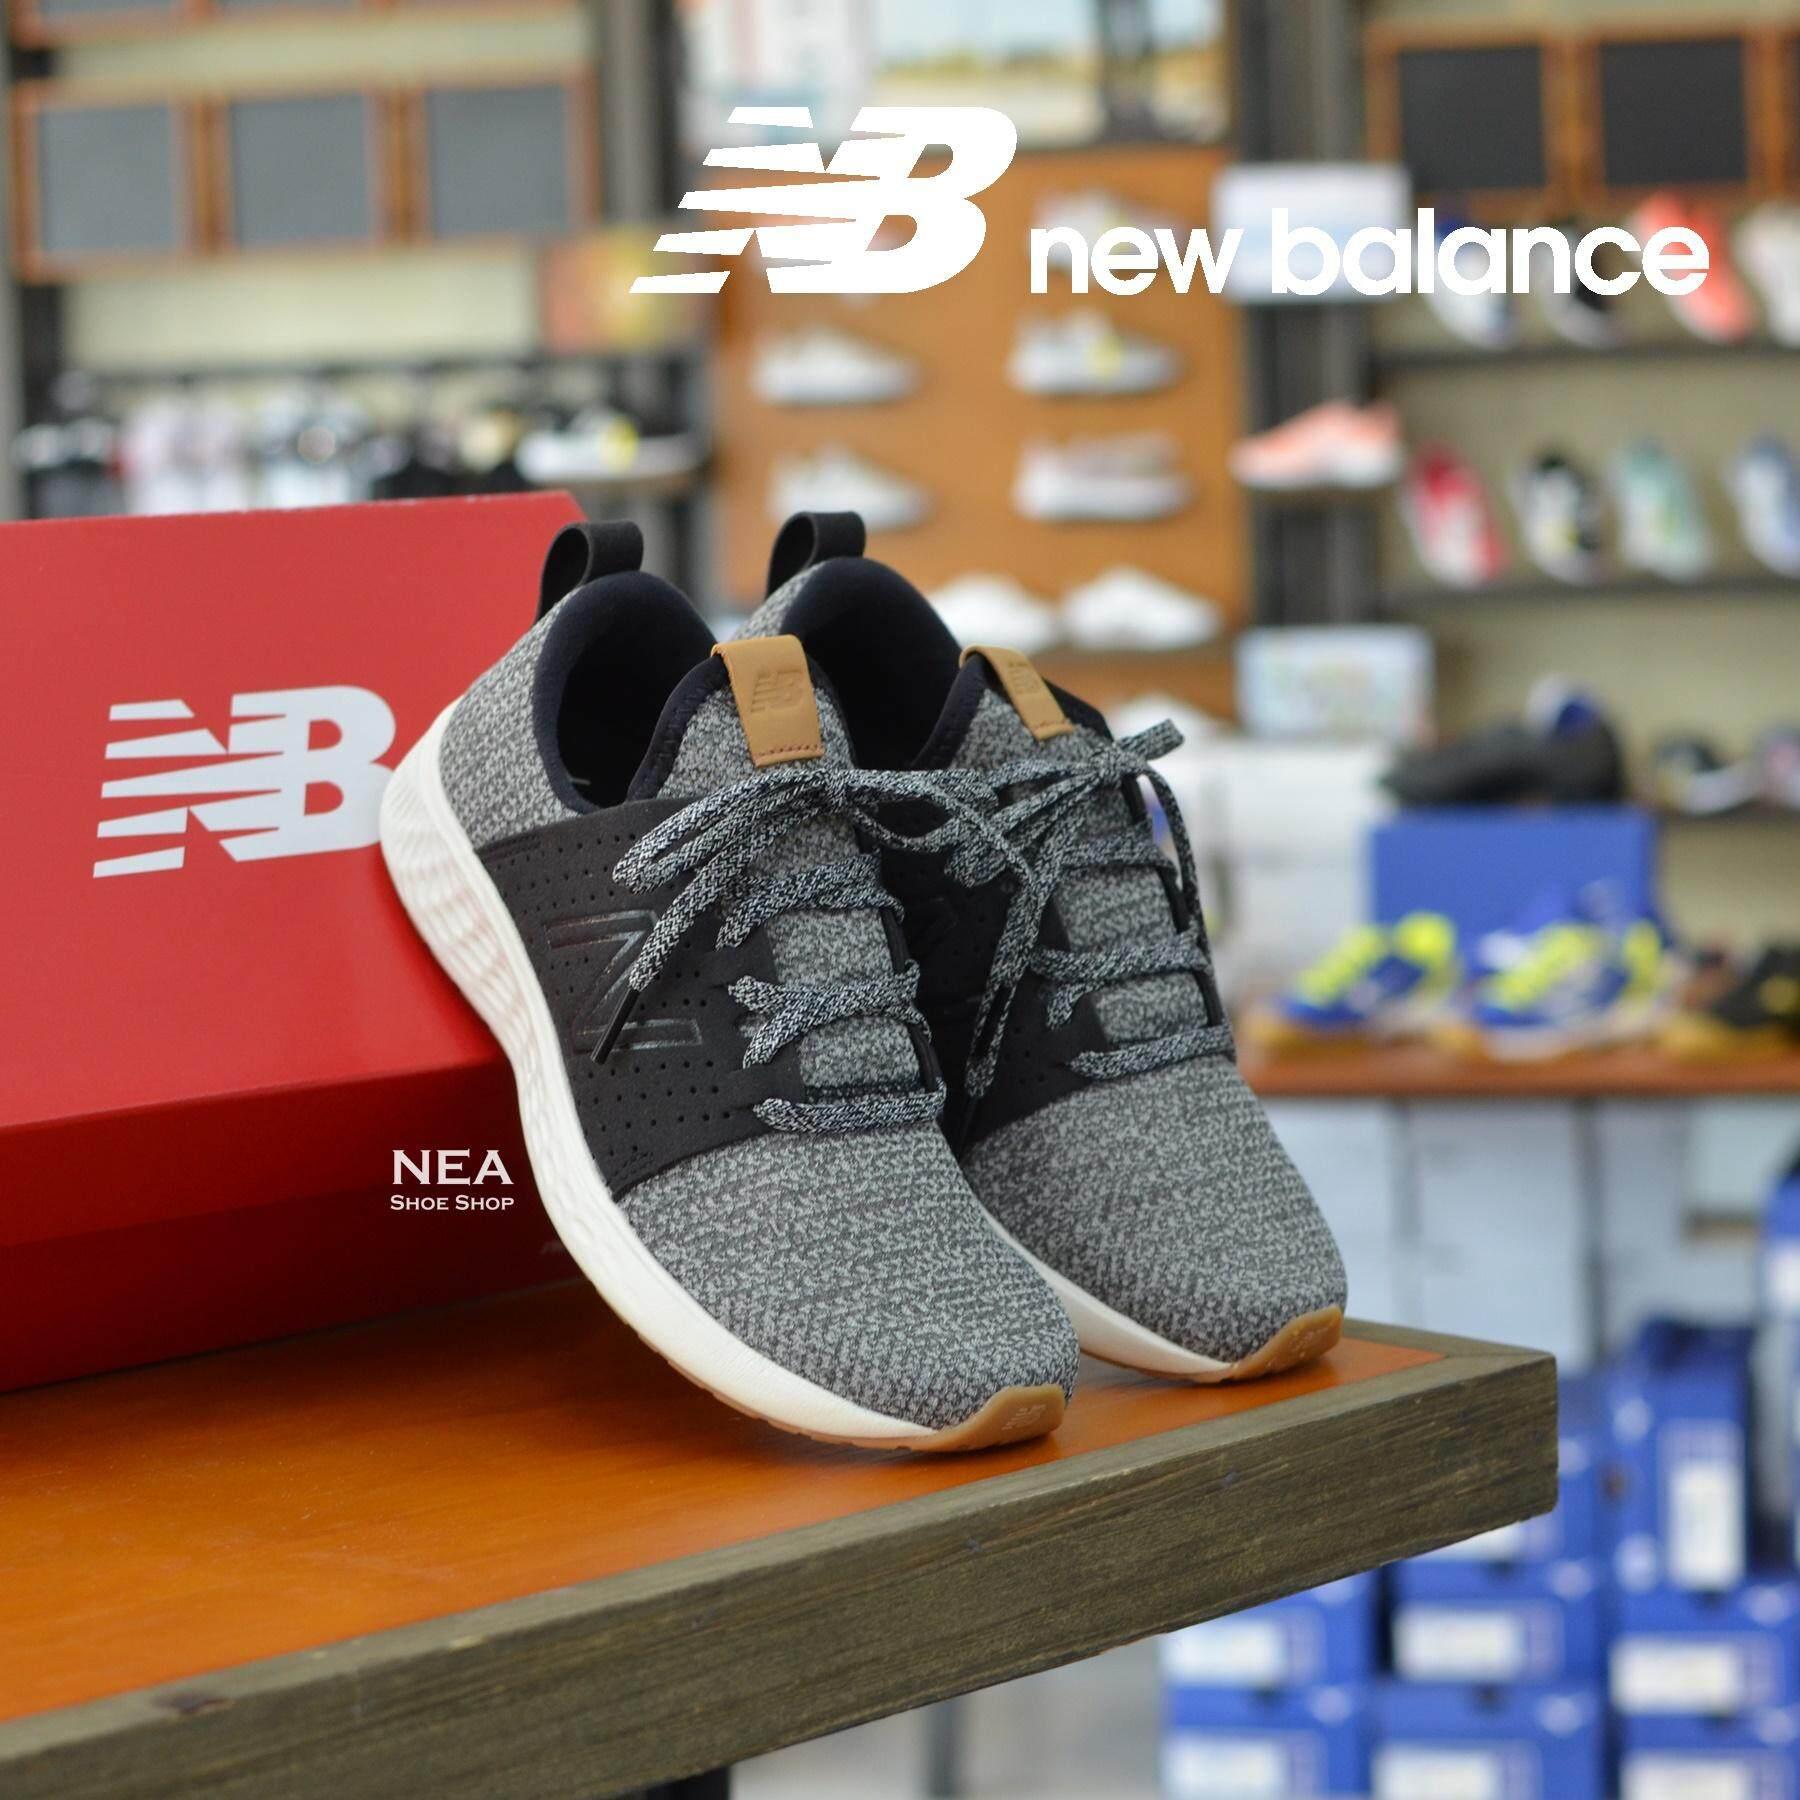 สอนใช้งาน  ชลบุรี [ลิขสิทธิ์แท้] New Balance FRESH FOAM CRUZ SPORT [W] รองเท้าผ้าใบ ผู้หญิง รองรับการวิ่ง [WSPTRA1  WSPTRB1 -- B]